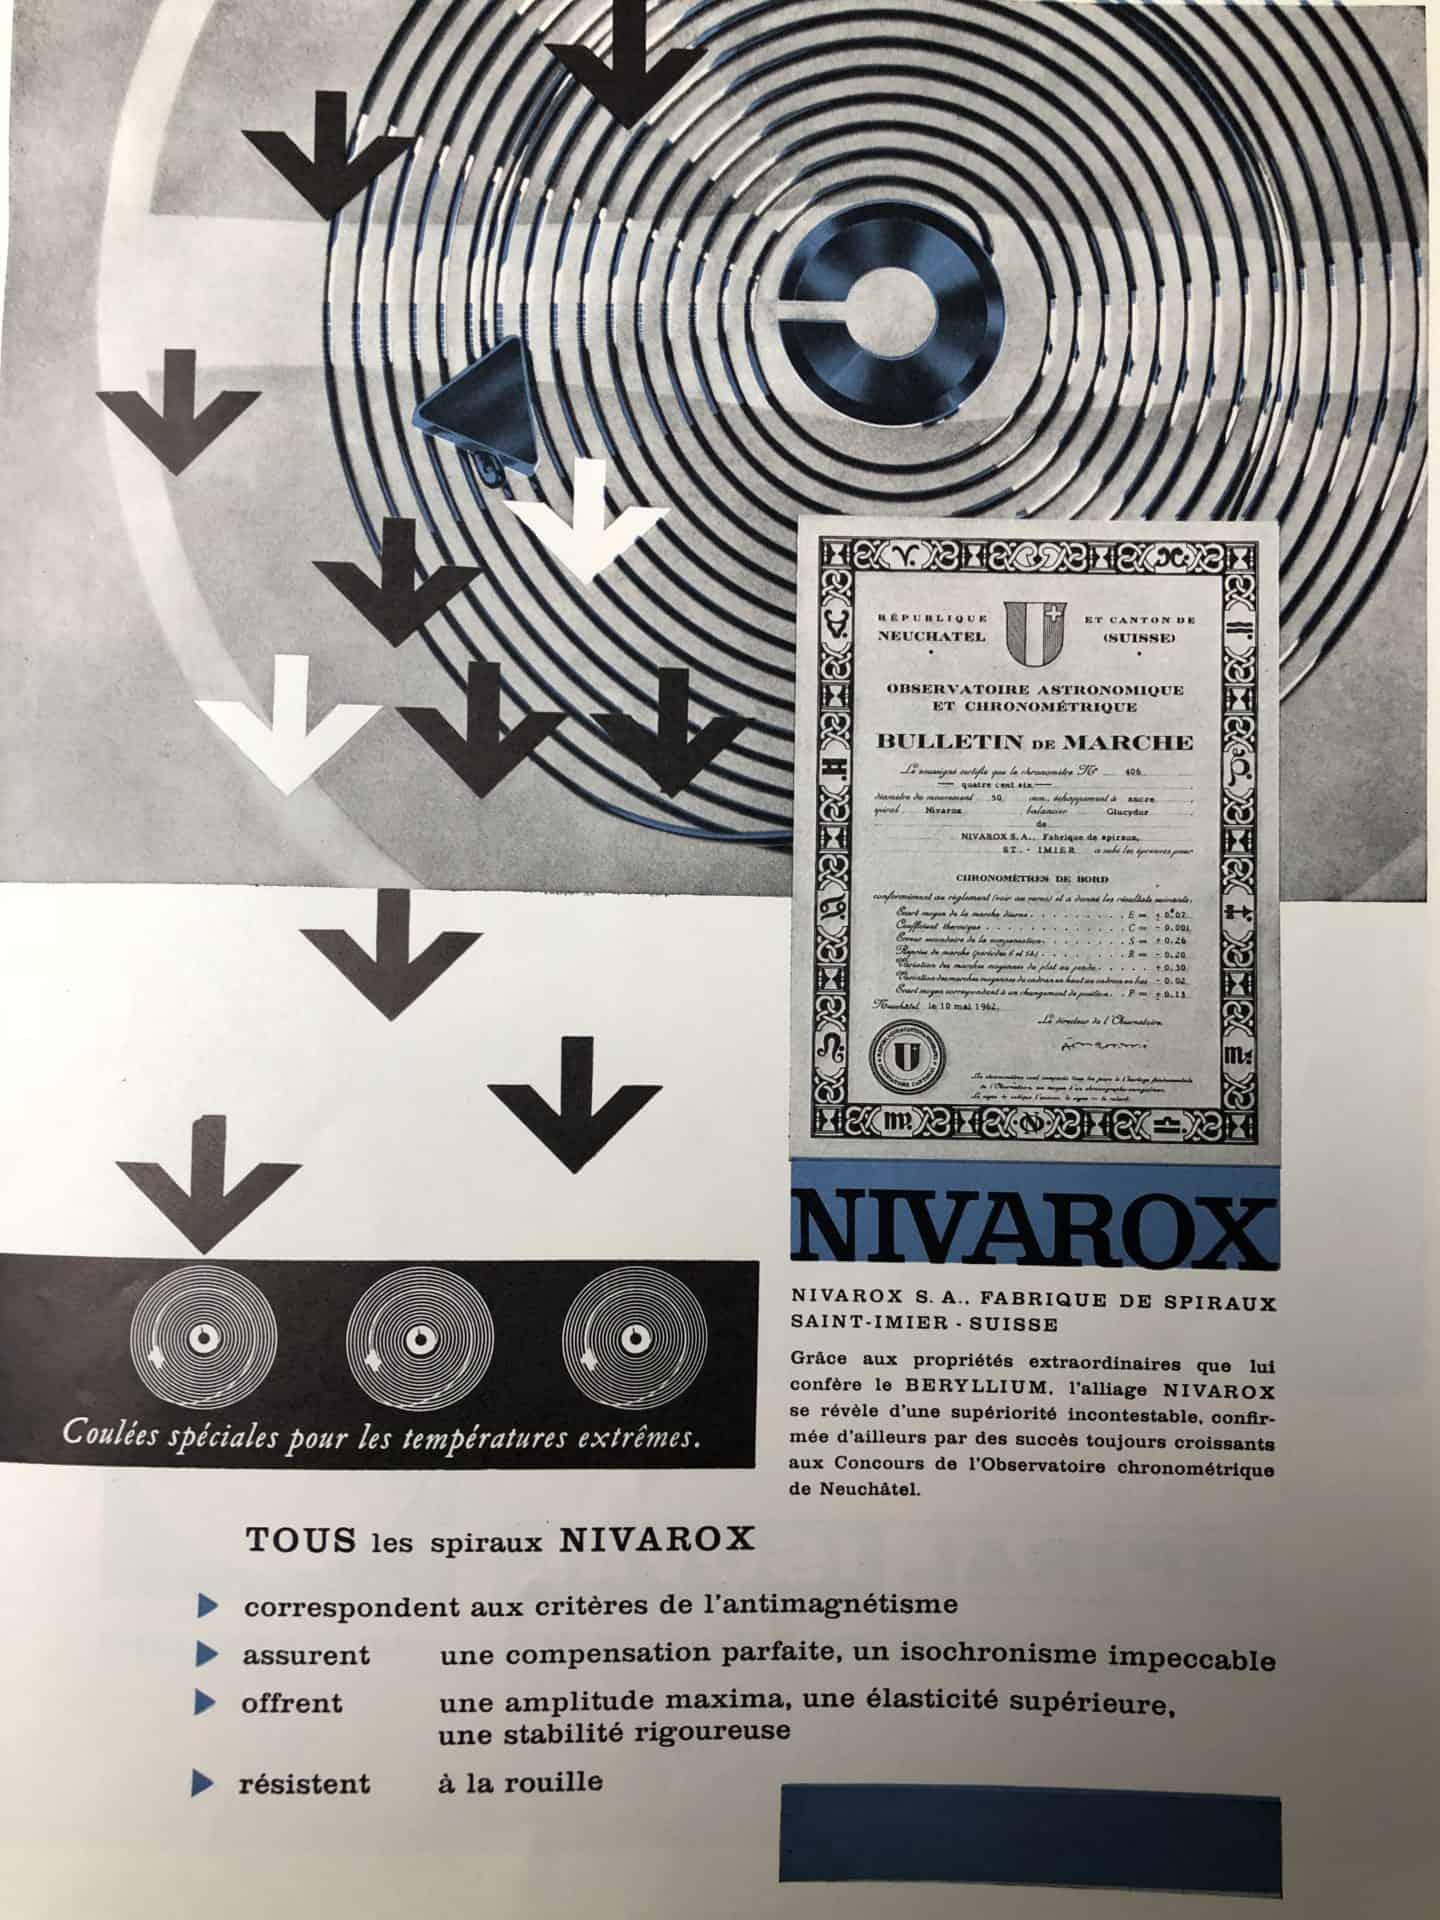 Nivarox bietet einige Vorzüge